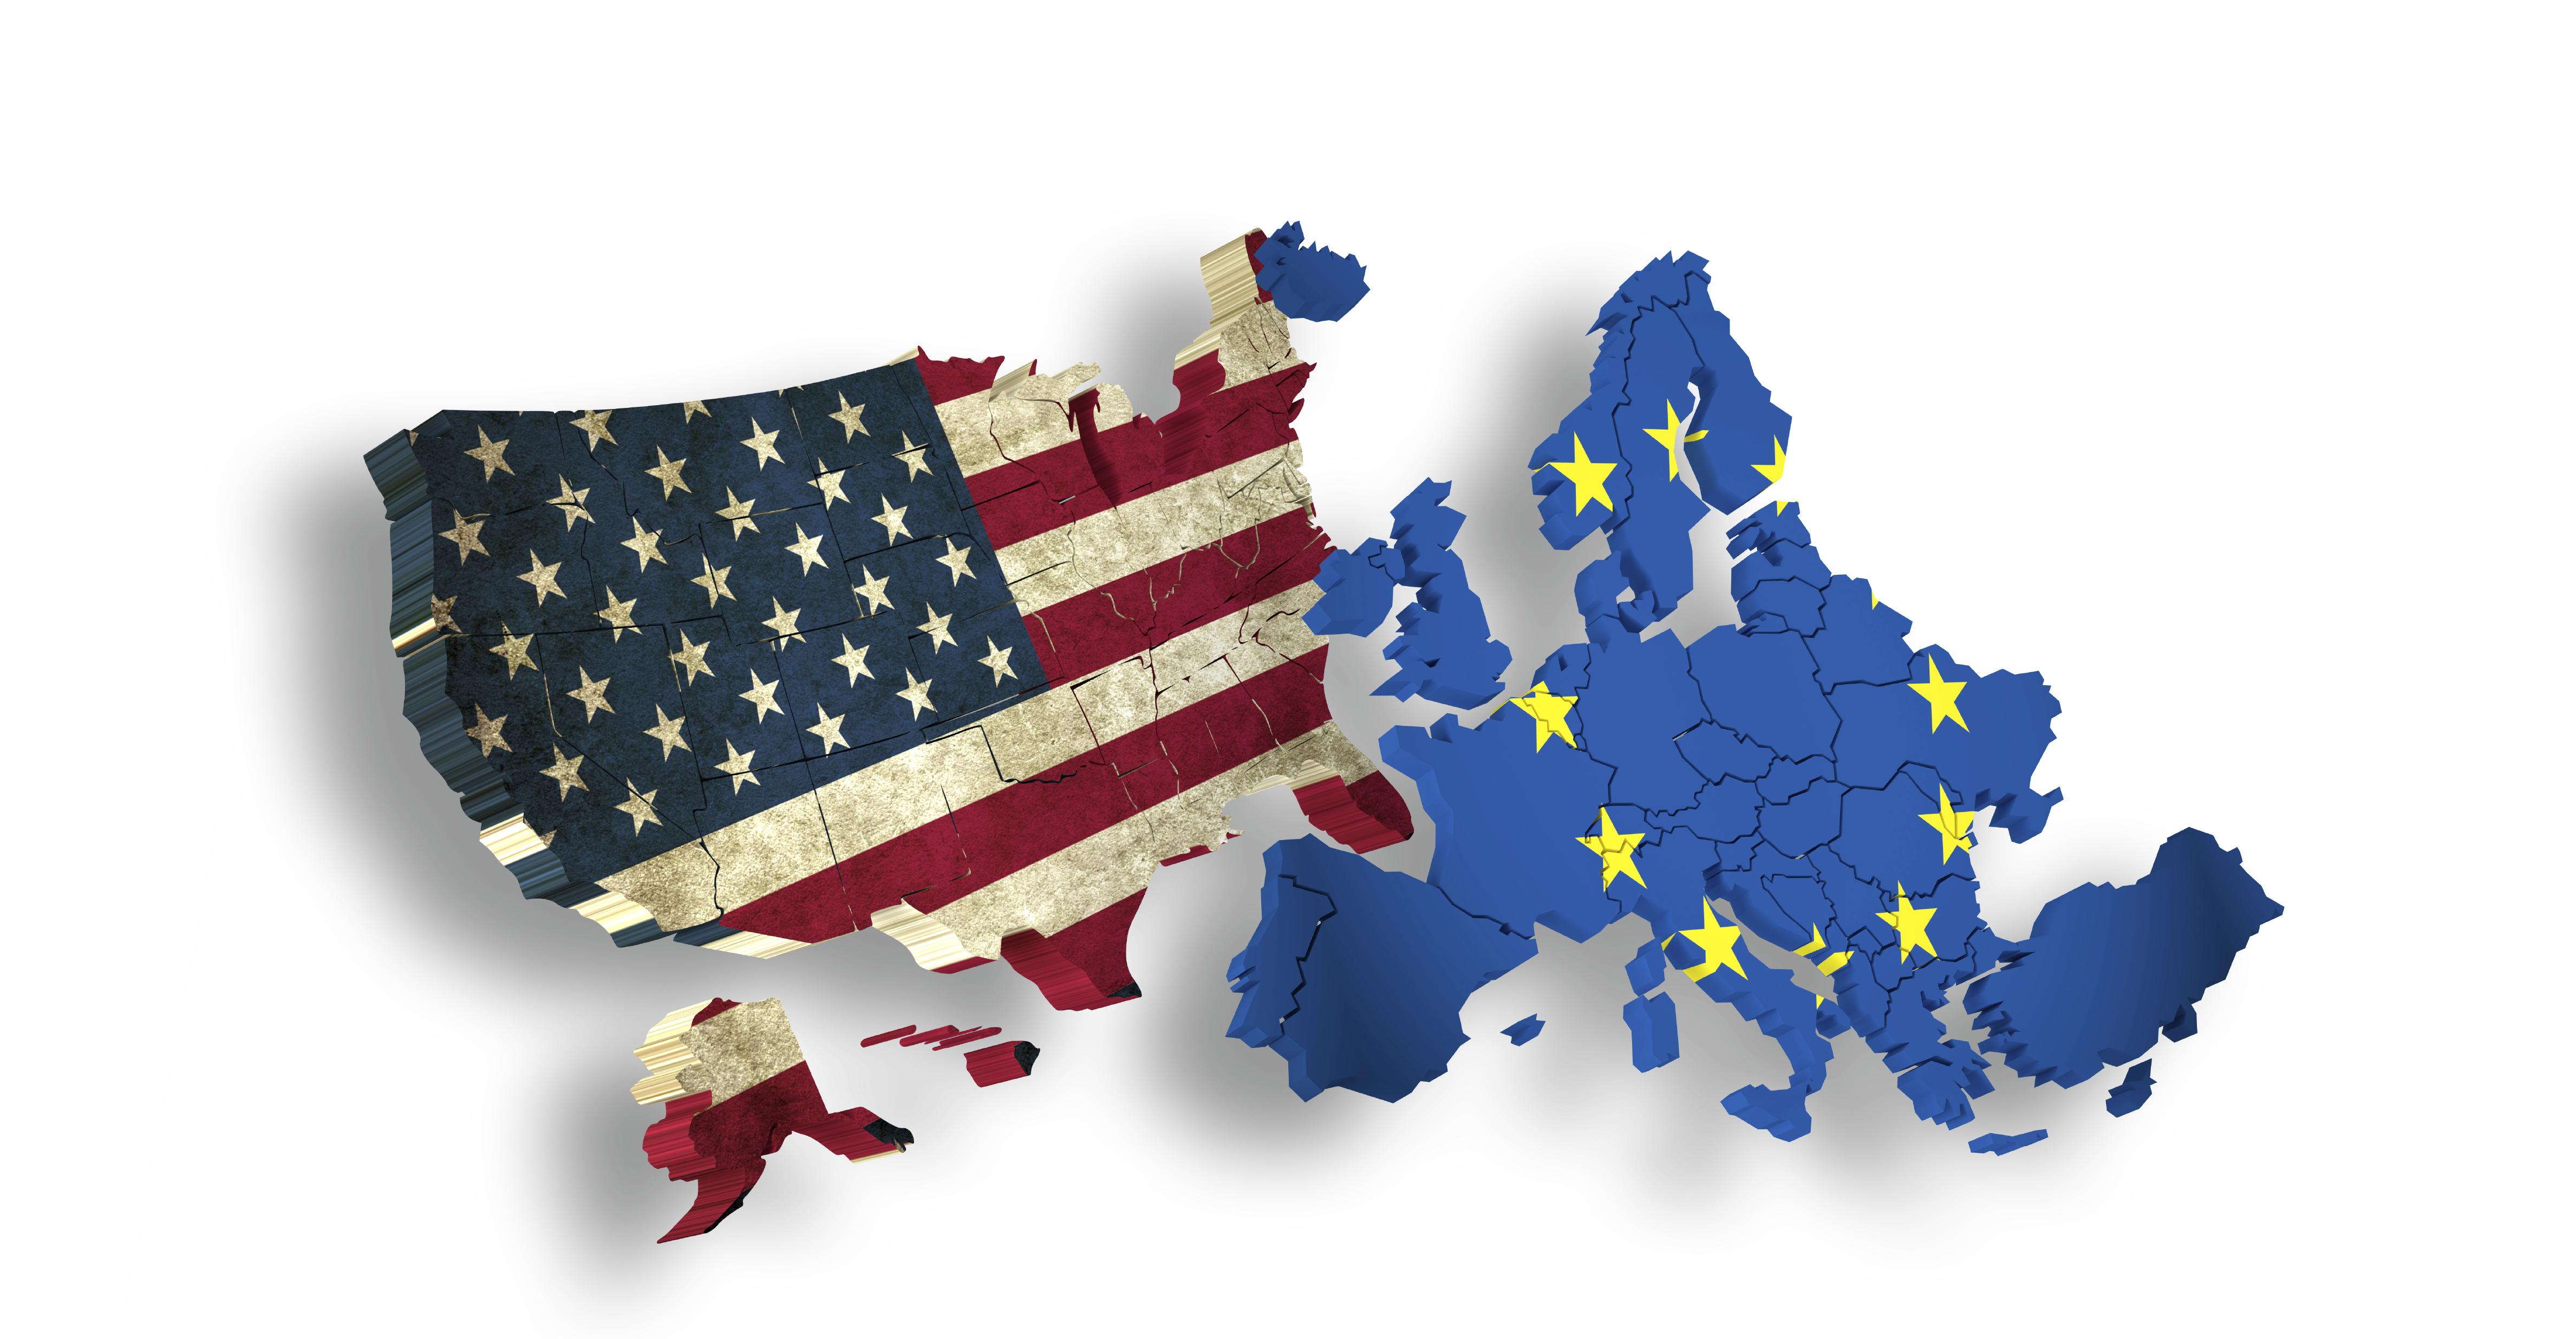 USA and EUROPE / EU - Symbol for TTIP